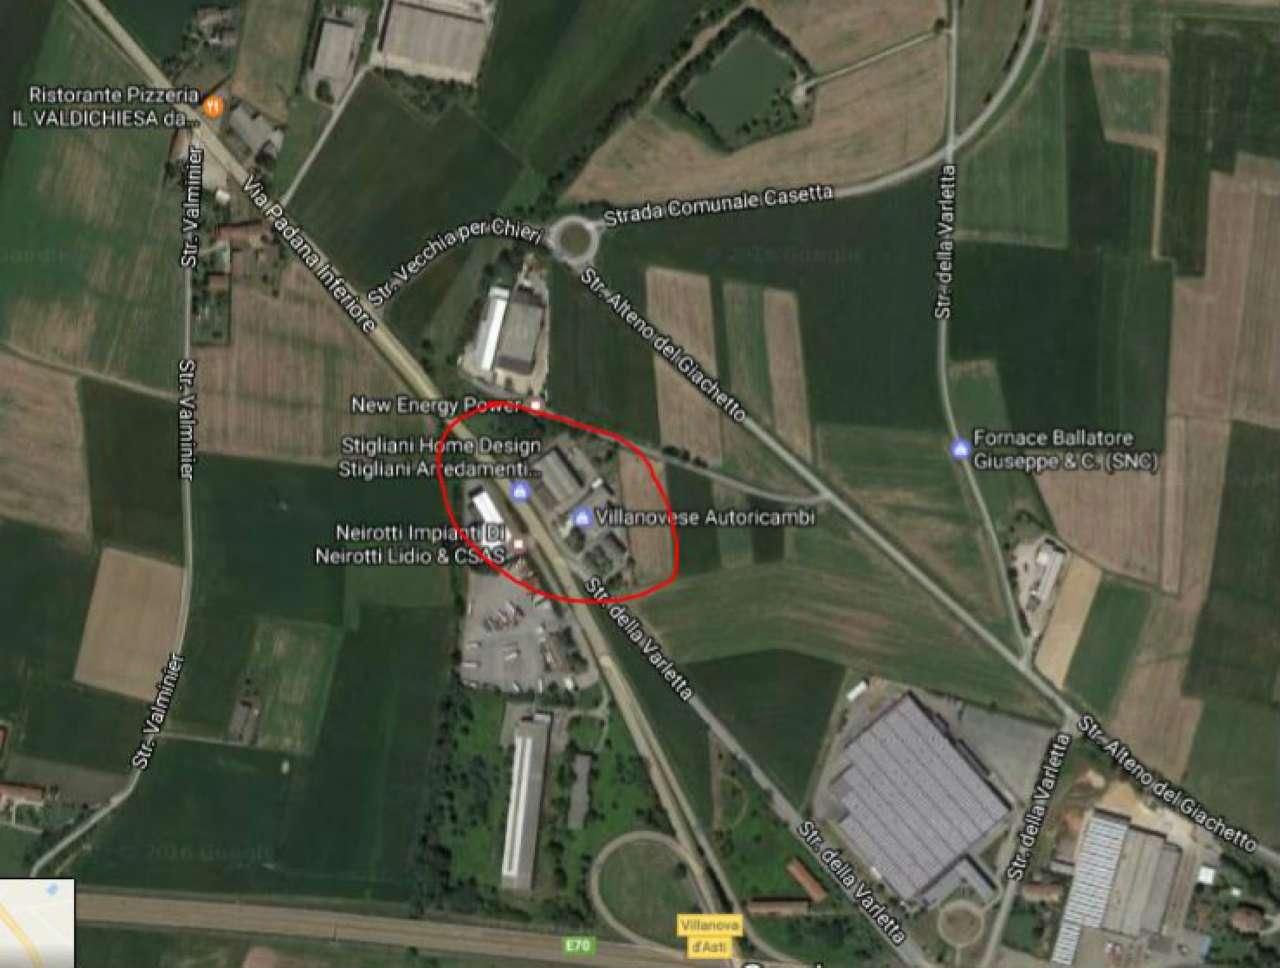 Terreno Edificabile Artigianale in vendita a Villanova d'Asti, 9999 locali, Trattative riservate | CambioCasa.it